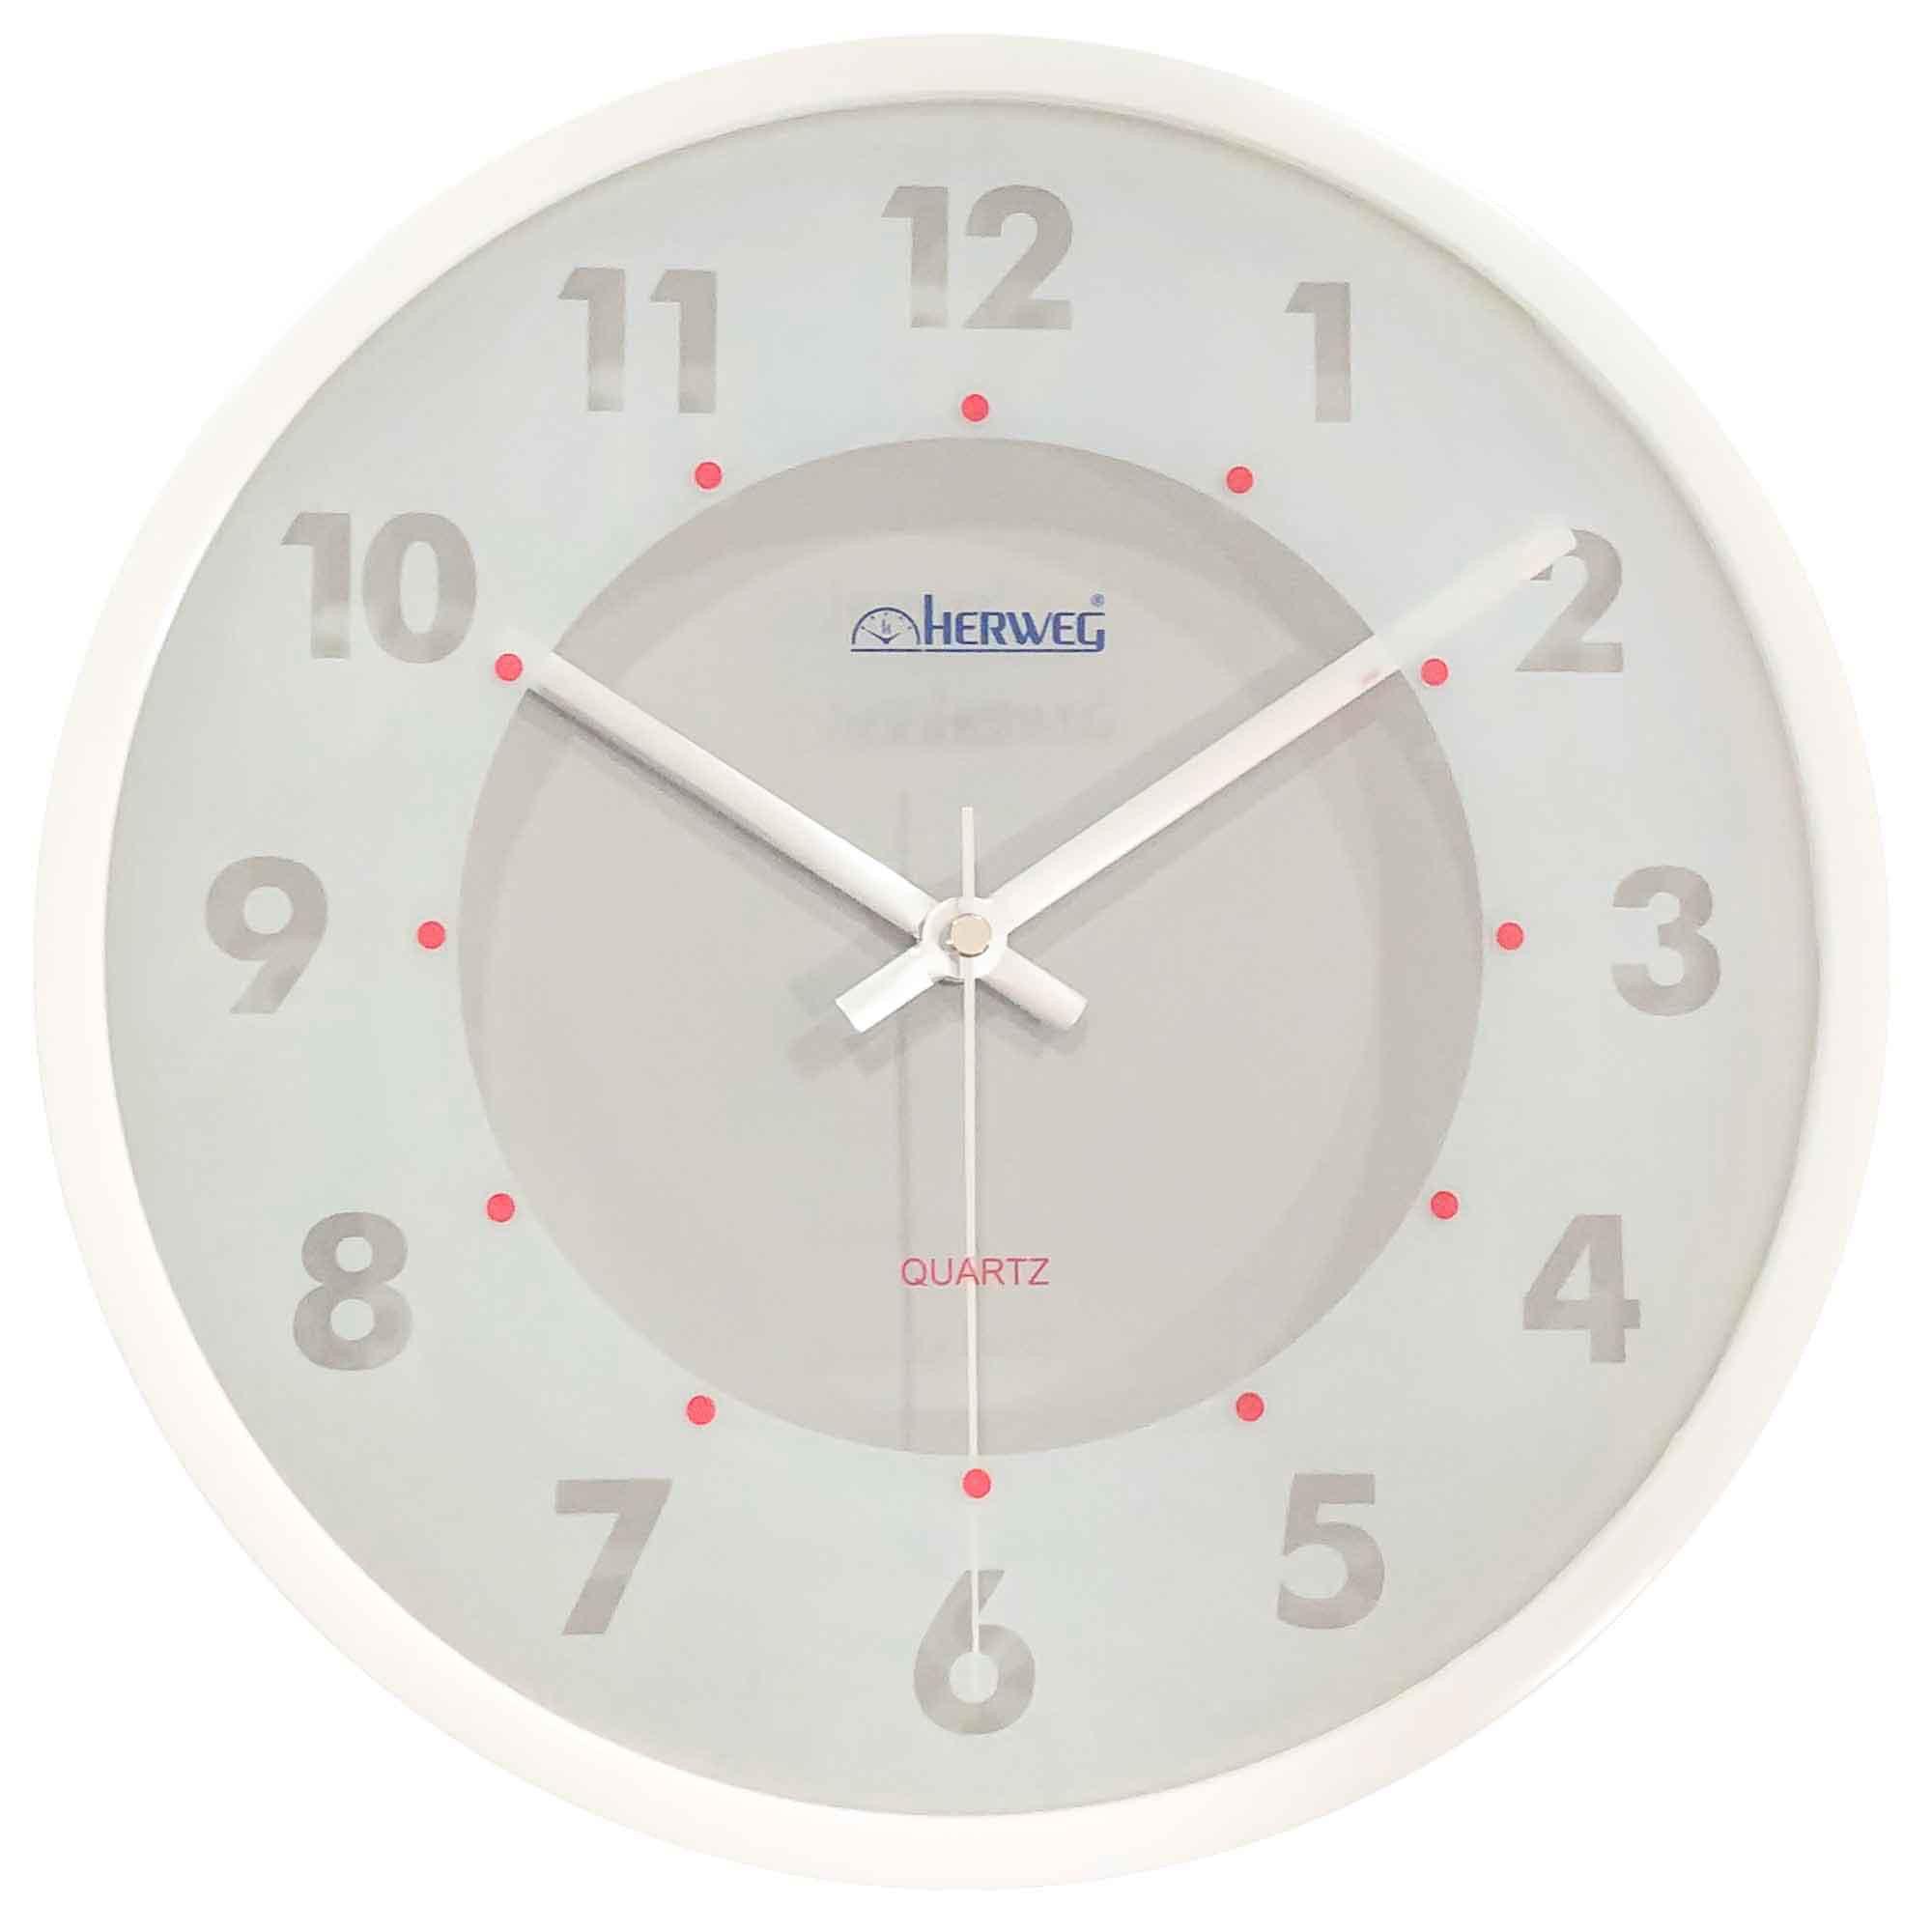 Relógio de Parede Analógico Herweg 6335 021 Branco